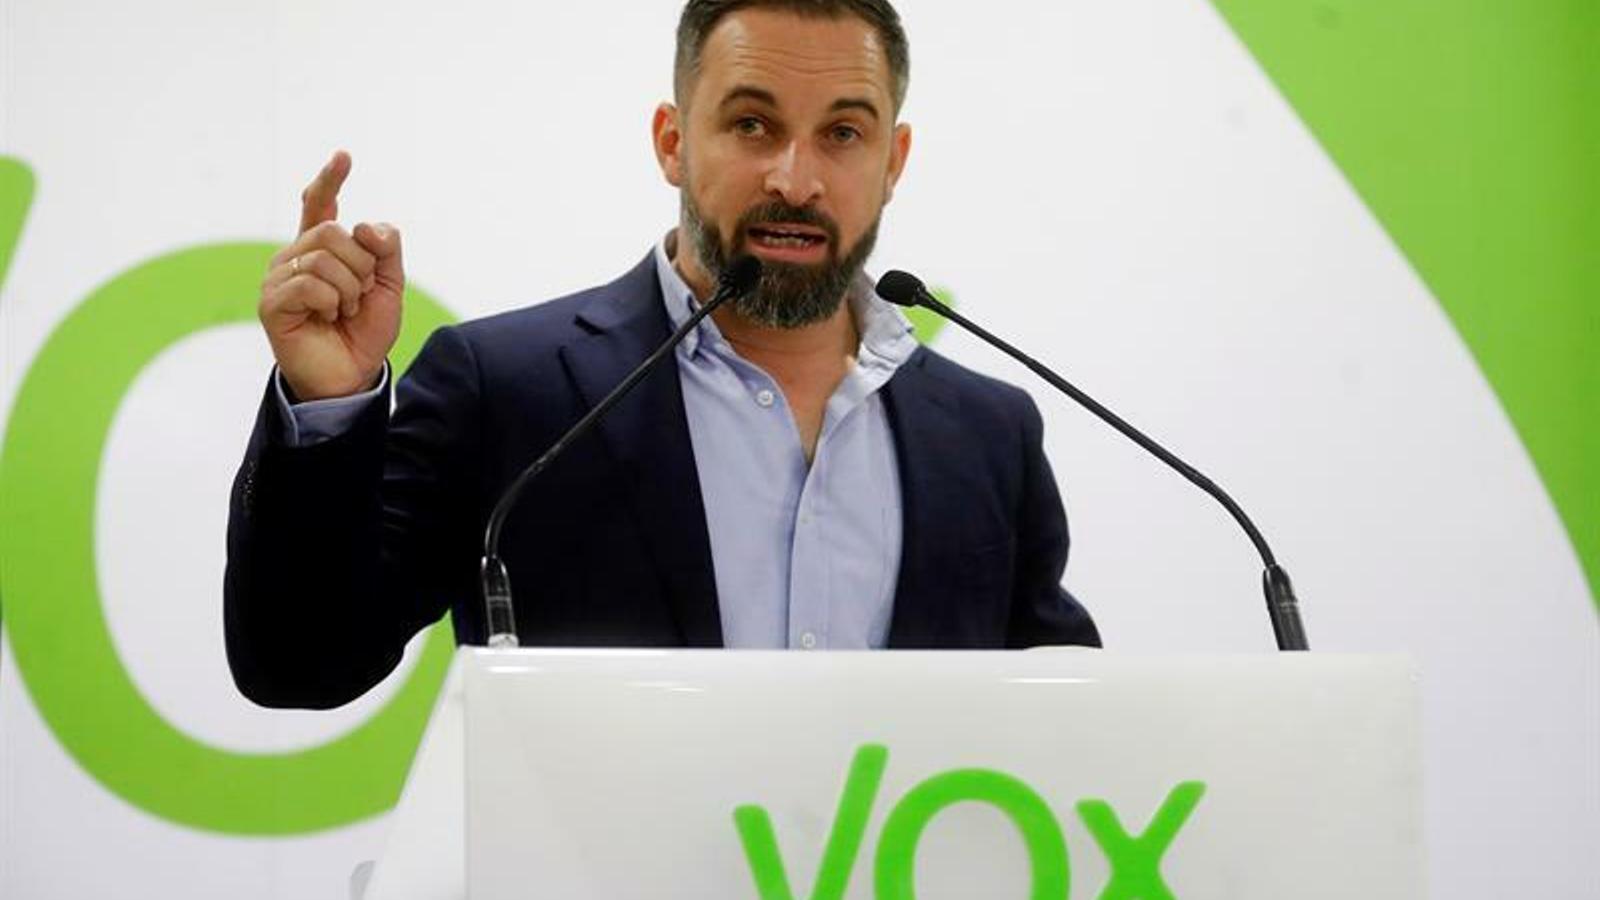 El president de Vox, Santiago Abascal, en una imatge d'arxiu